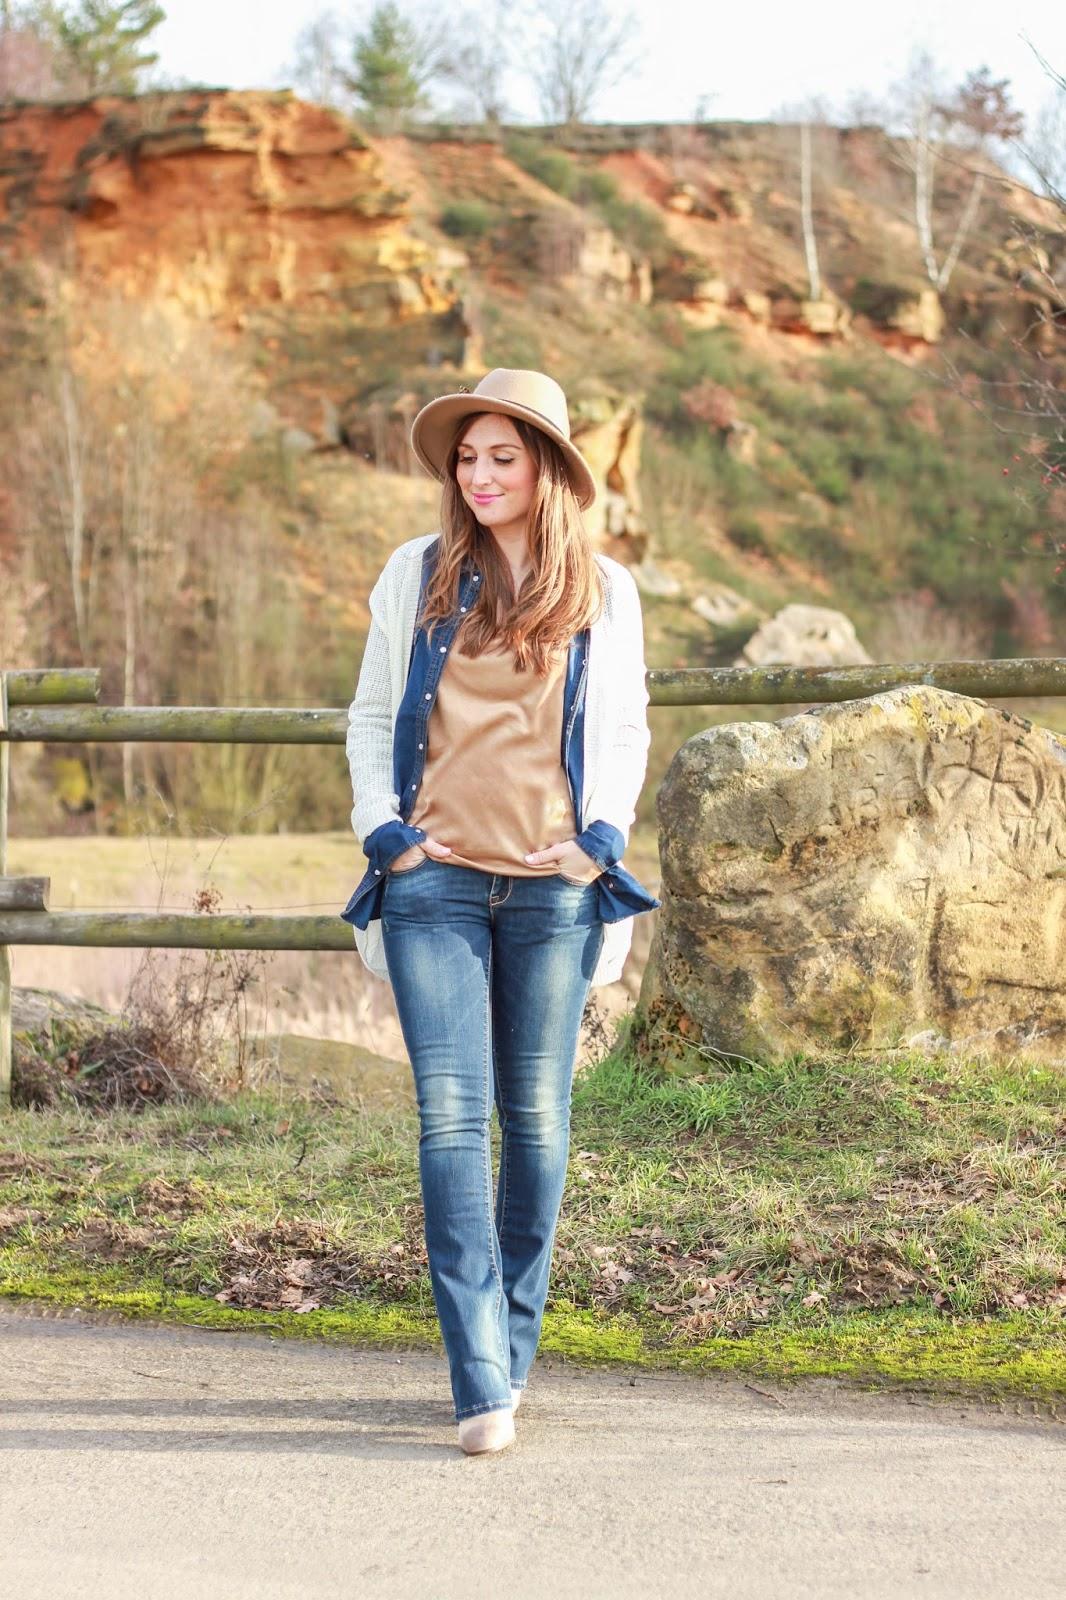 Denim Country StyleFashionstylebyjohanna - Fashionblogger - German Fashionblogger _ Deutsche Fashionblogger - Fashionblogger aus Deutschland - Deutsche Fashionblogger - Denim Look - Country Style - Country Fashionblogger Style - Texas Style- Country Deniom Look - Frankfurt Fashionblogger